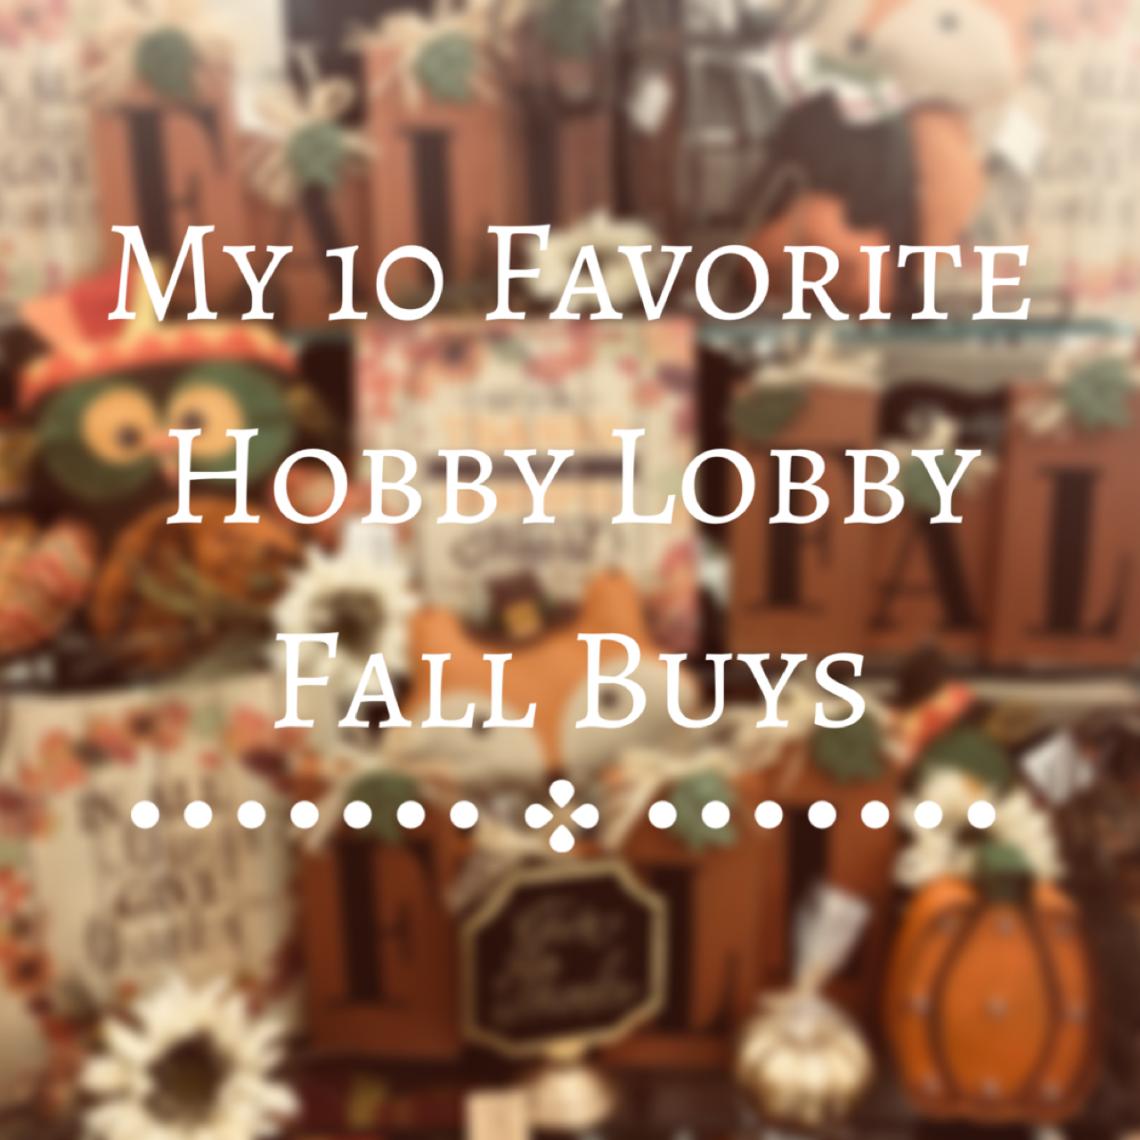 My 10 Favorite Hobby Lobby Fall Buys The Crafty Cat Company